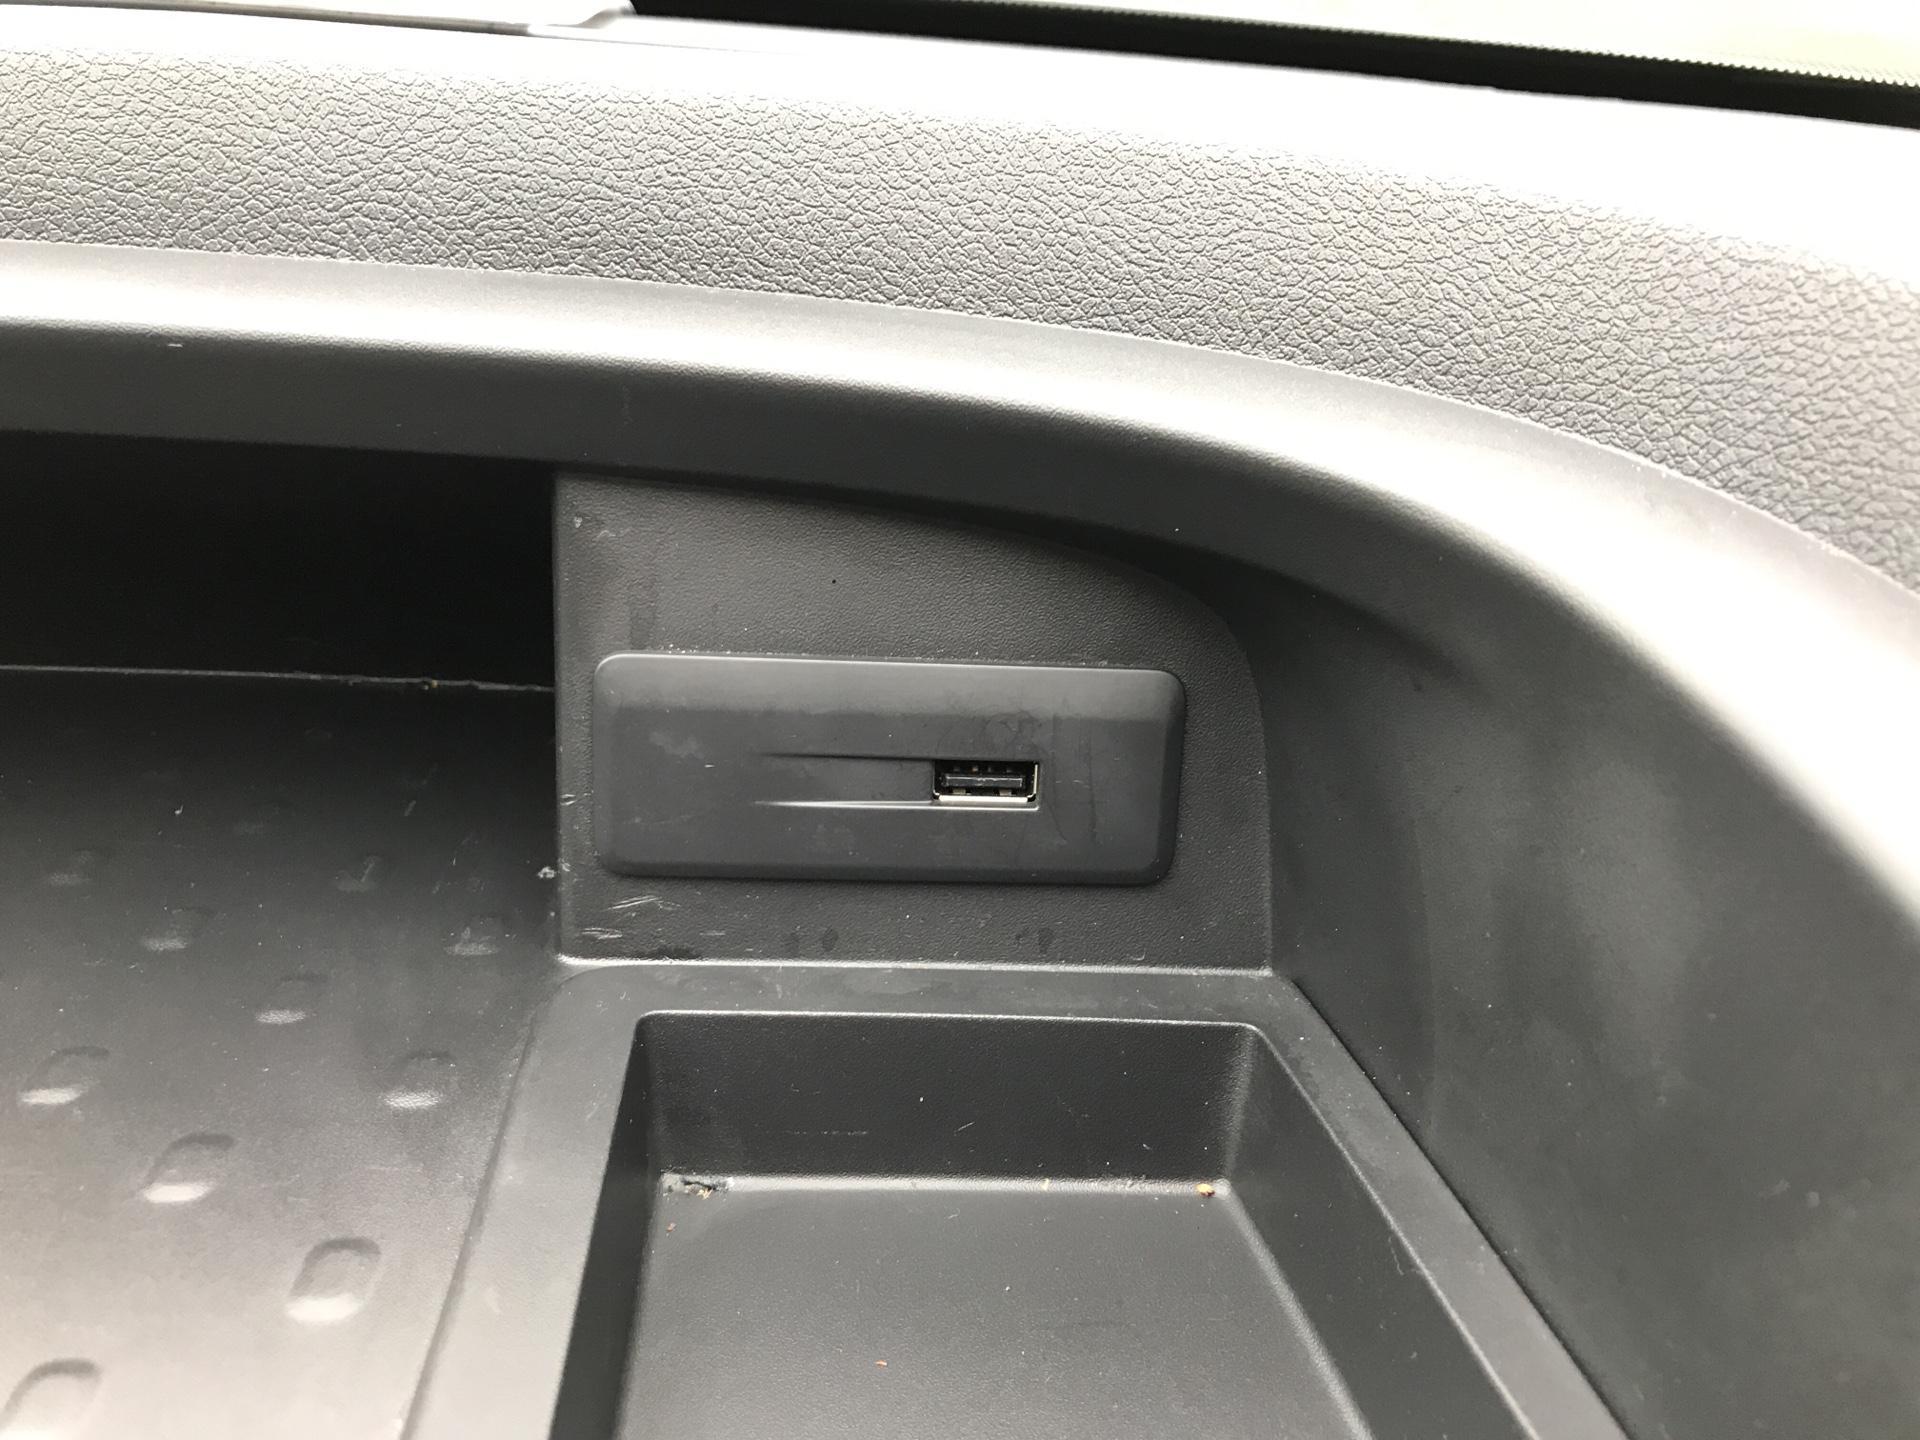 2017 Renault Trafic SL27 ENERGY DCI 125  BUSINESS VAN EURO 6 (HN67YRG) Image 19